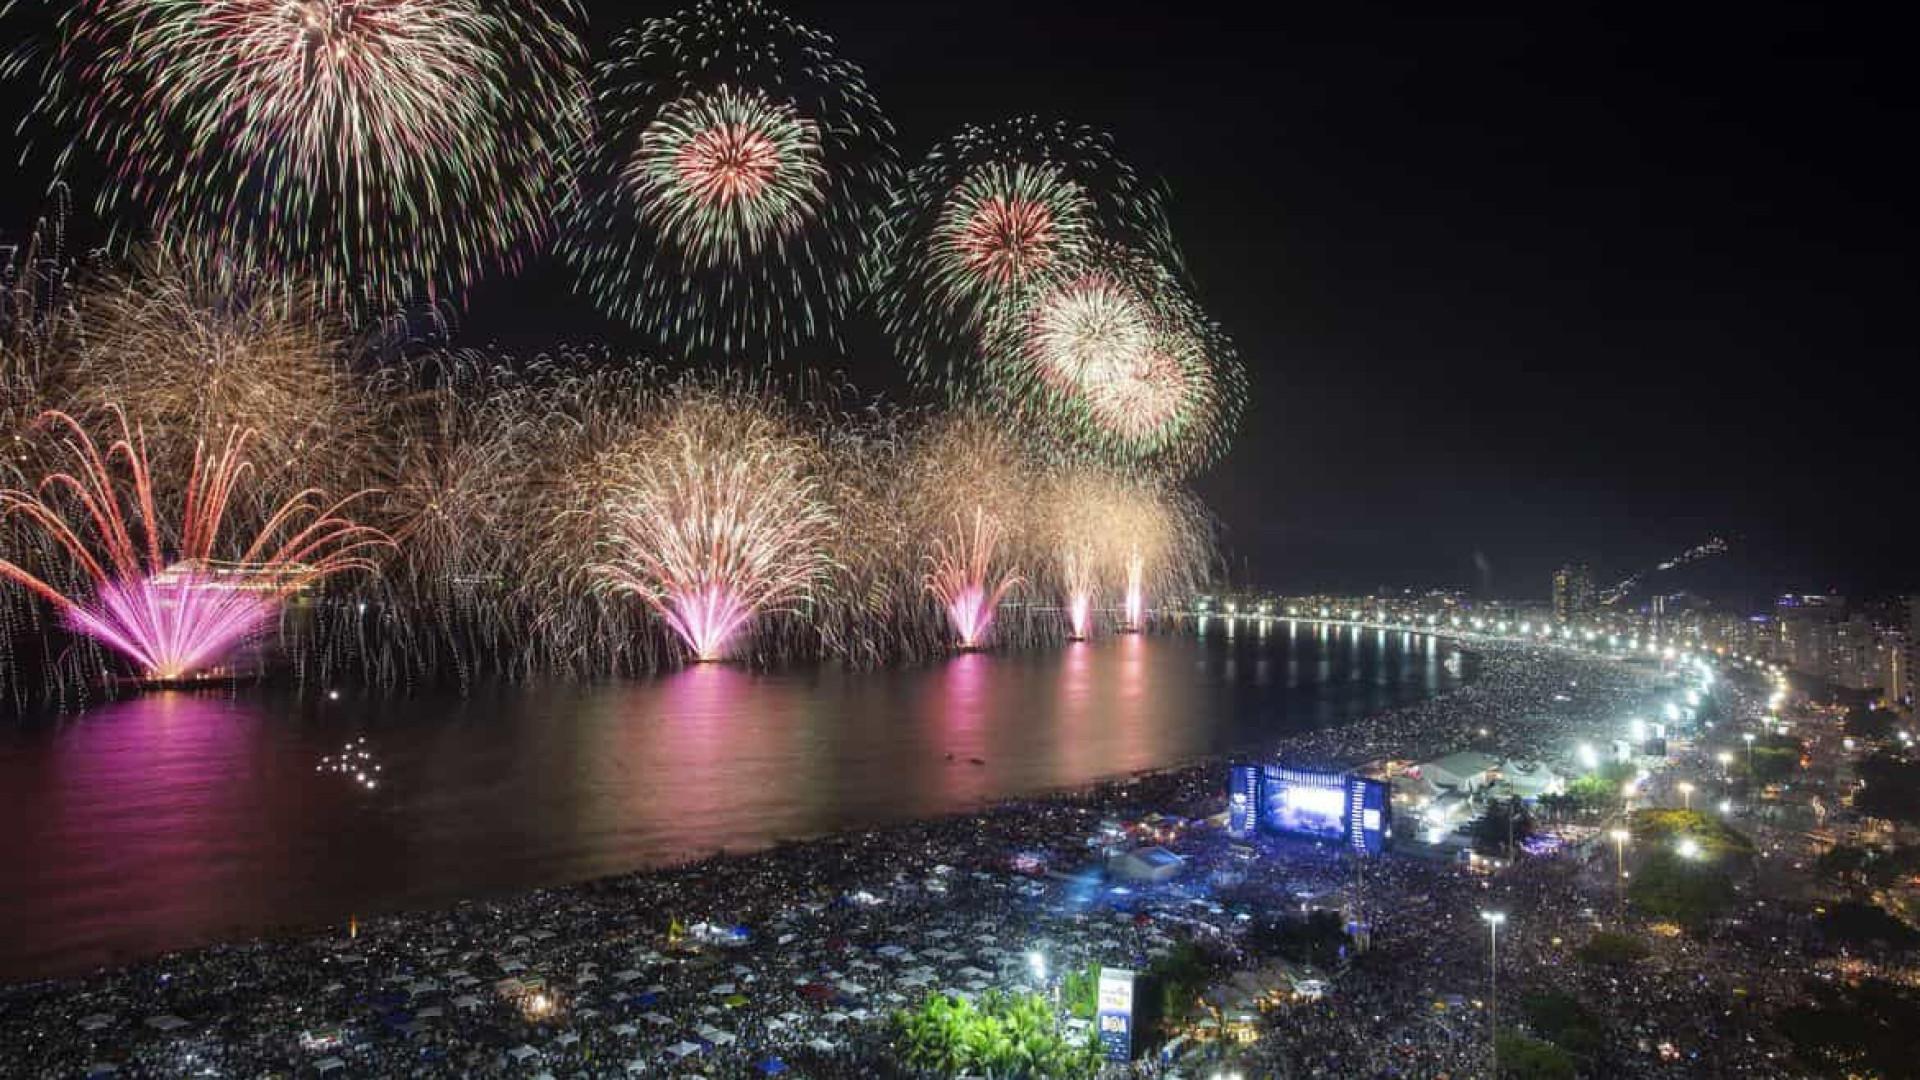 Hotéis sugerem que Rio descentralize réveillon para evitar aglomeração